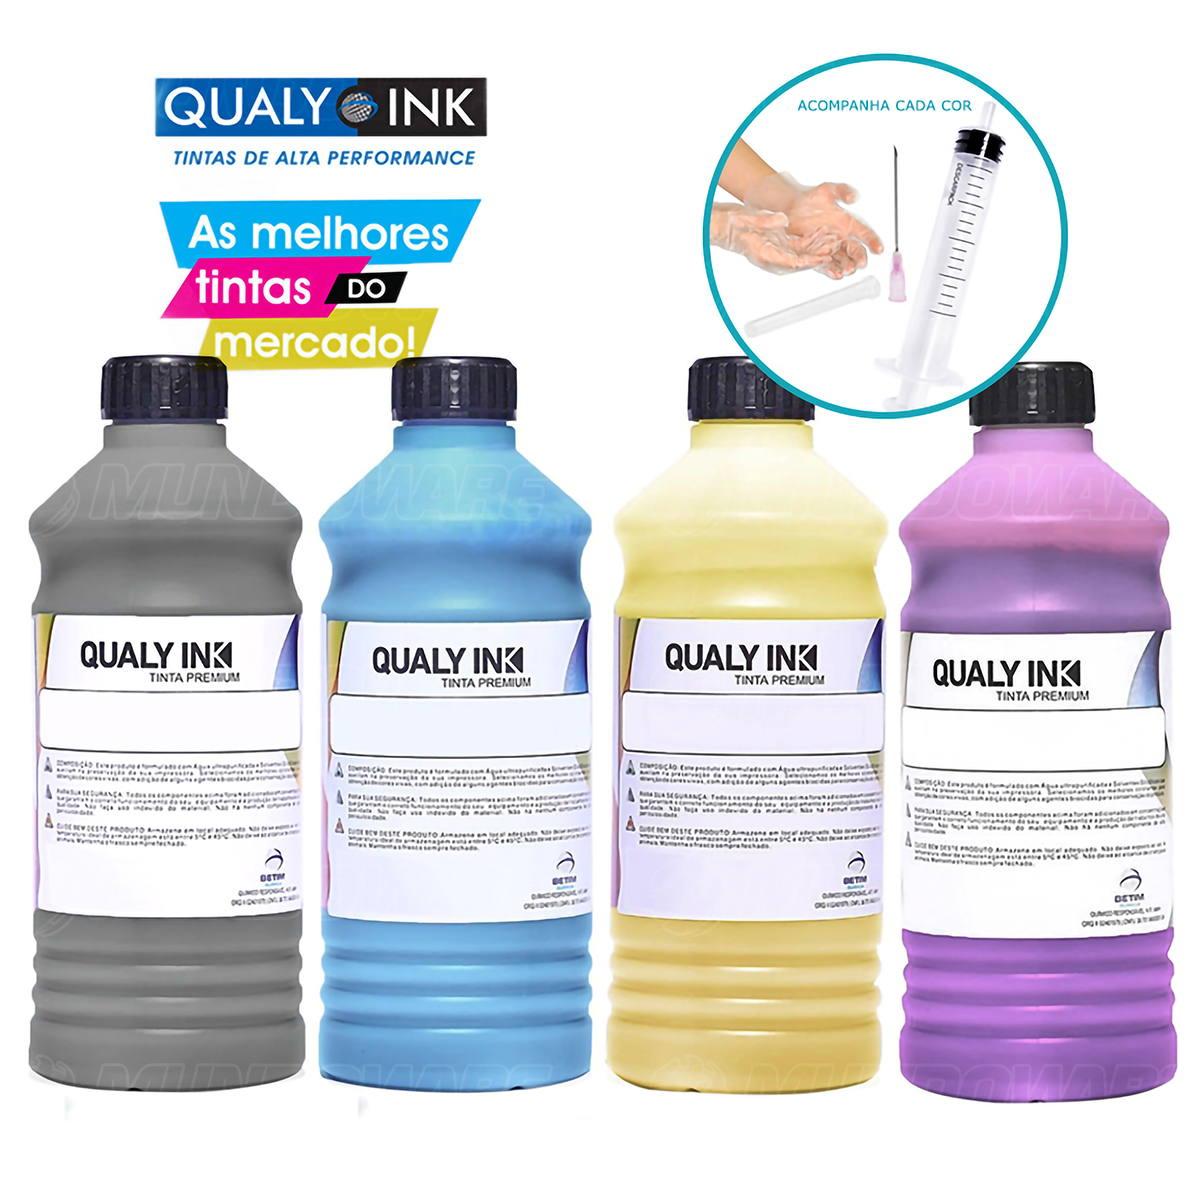 Compatível: Kit 4 Cores Tinta Corante Qualy-Ink para HP Pro 8600 8600w 8610 8620 8000 8100 251dw 276dw CMYK 4 de 1L